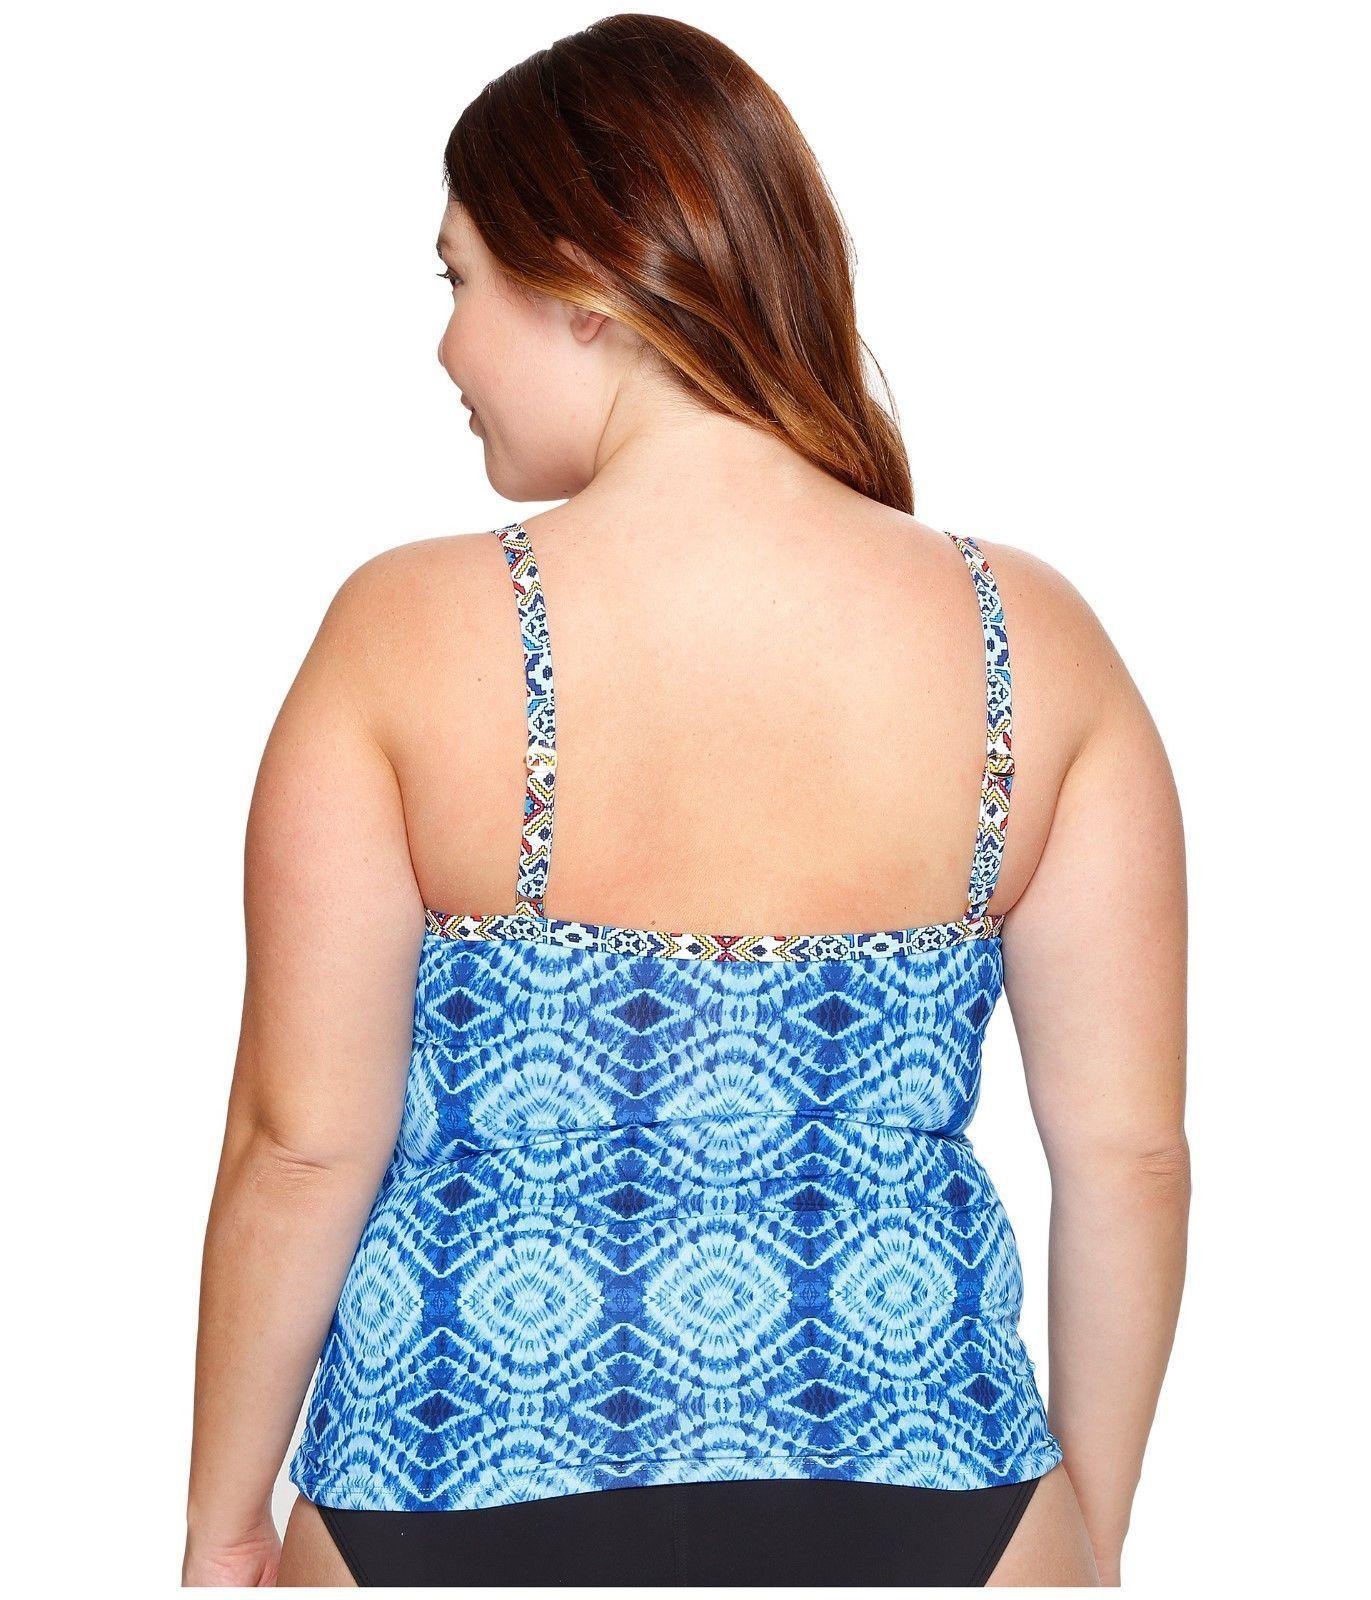 NEW Bleu Rod Beattie Mykonos Blue Underwire Tankini Swim Top size 22W